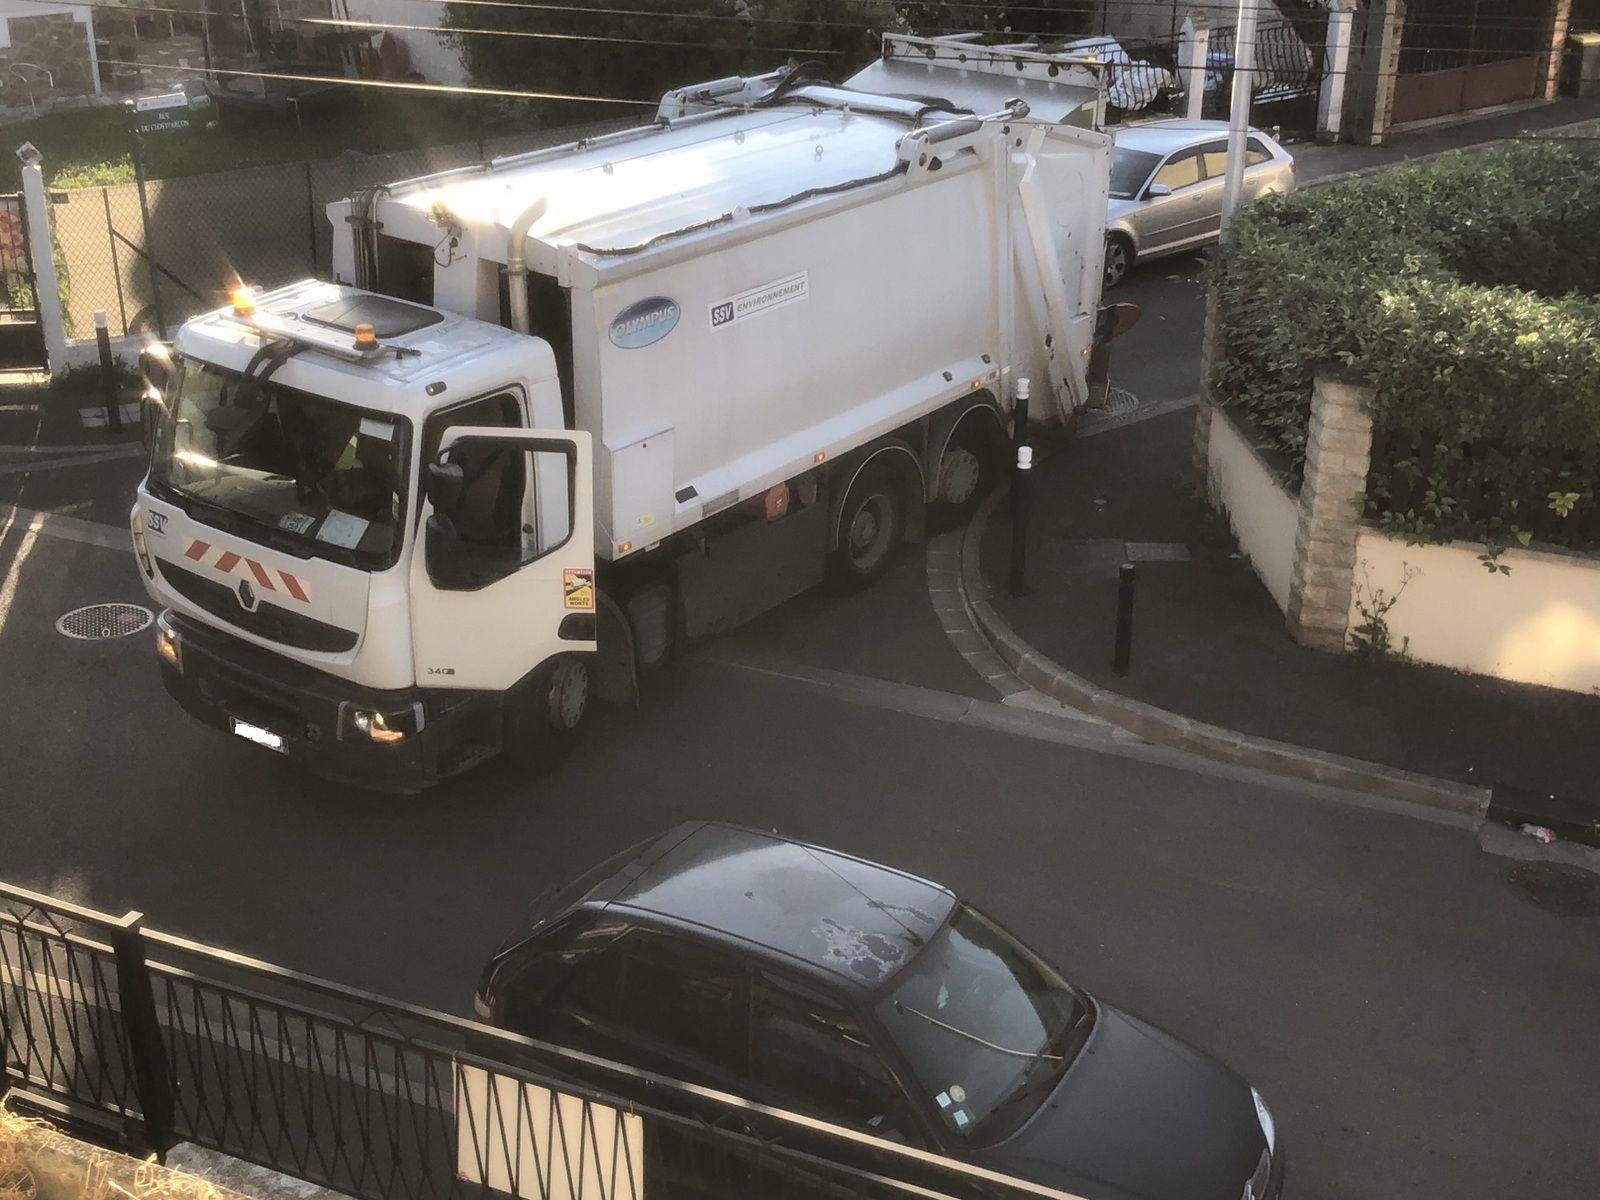 Facilitons le travail des éboueurs en stationnant correctement à Aulnay-sous-Bois !